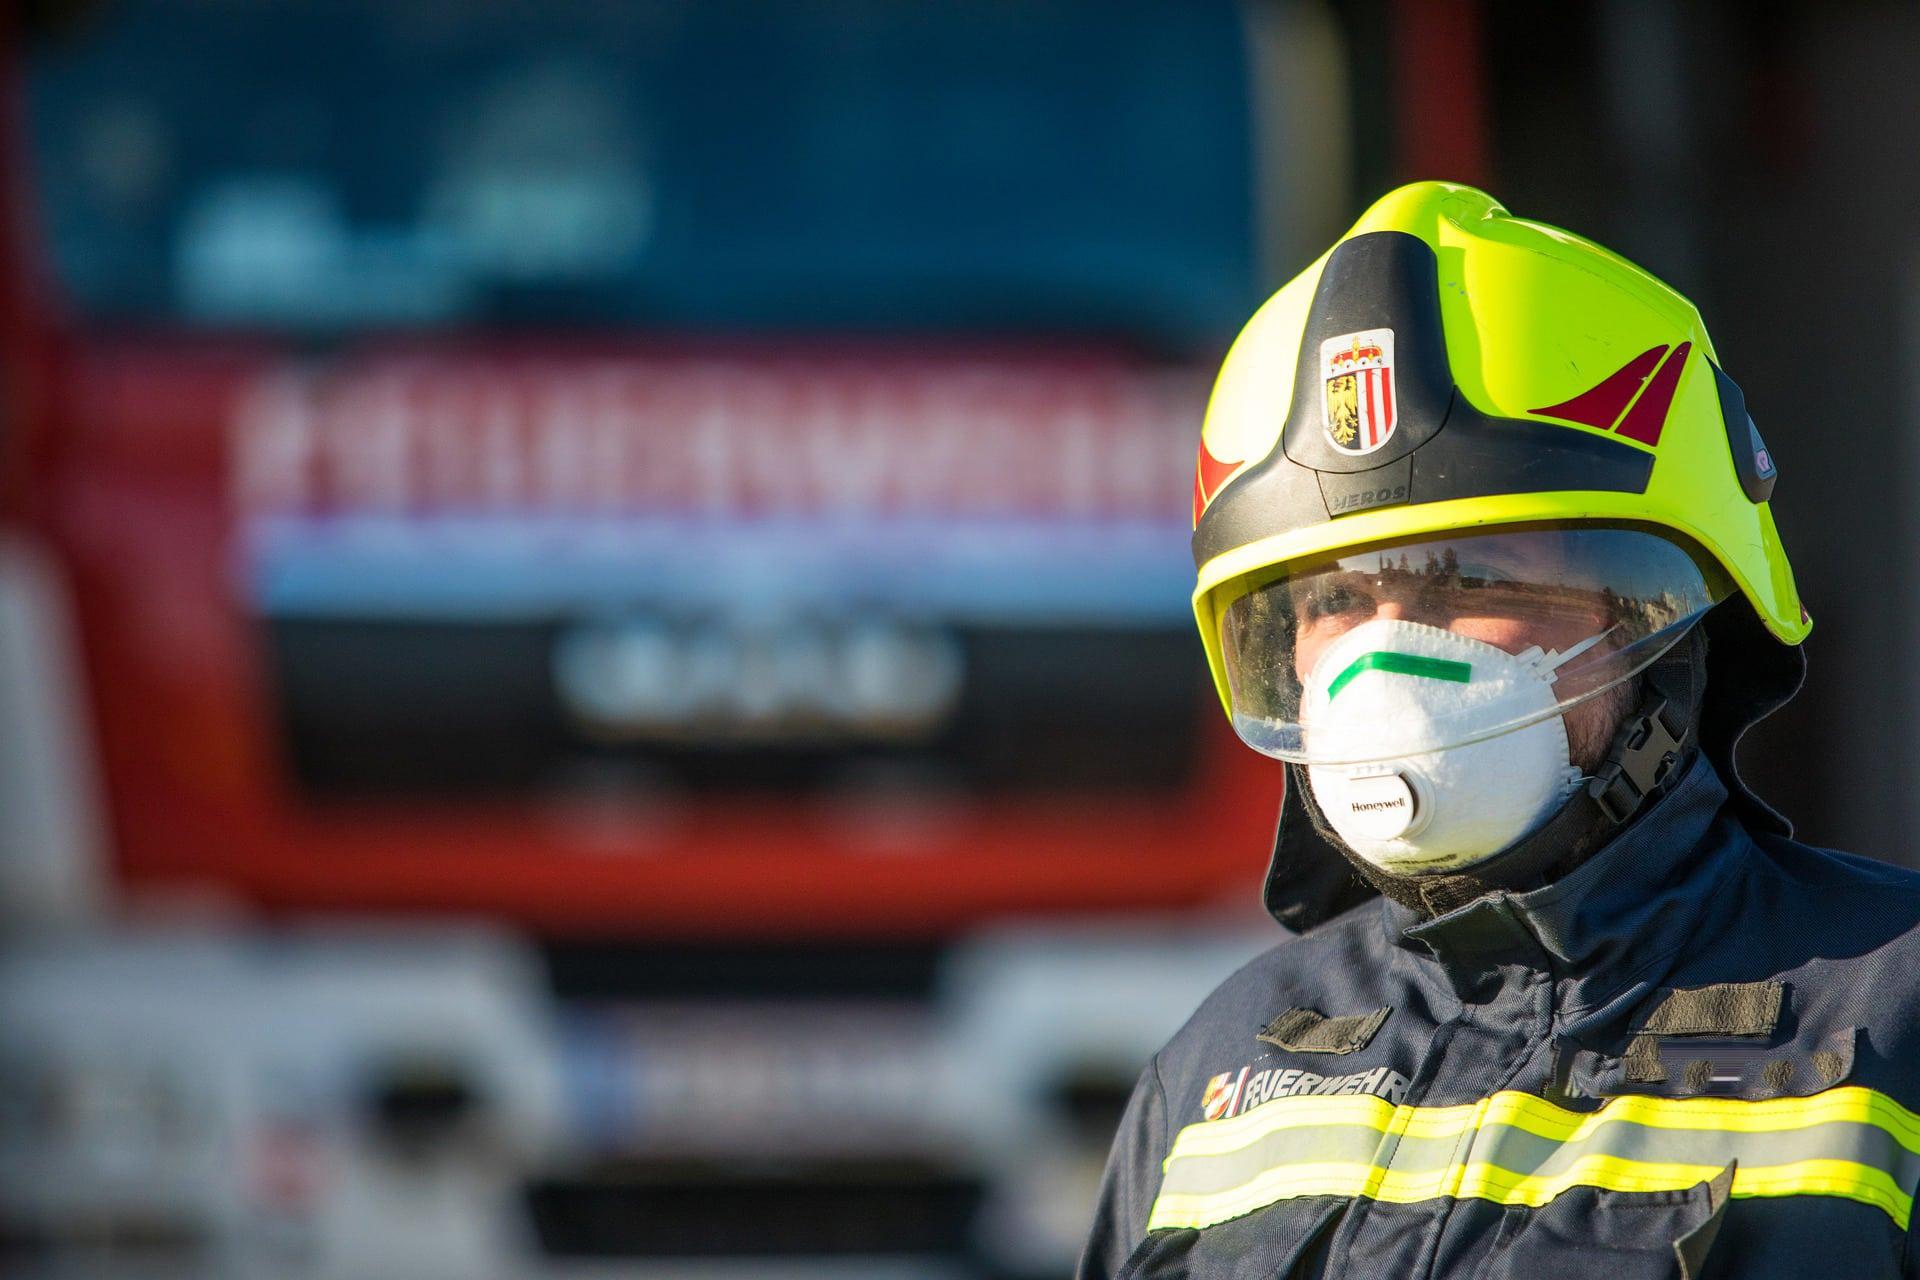 Mann bei Wohnungsbrand verstorben Feuerwehreinsatz in Mehrfamilienhaus in der Klenzestraße